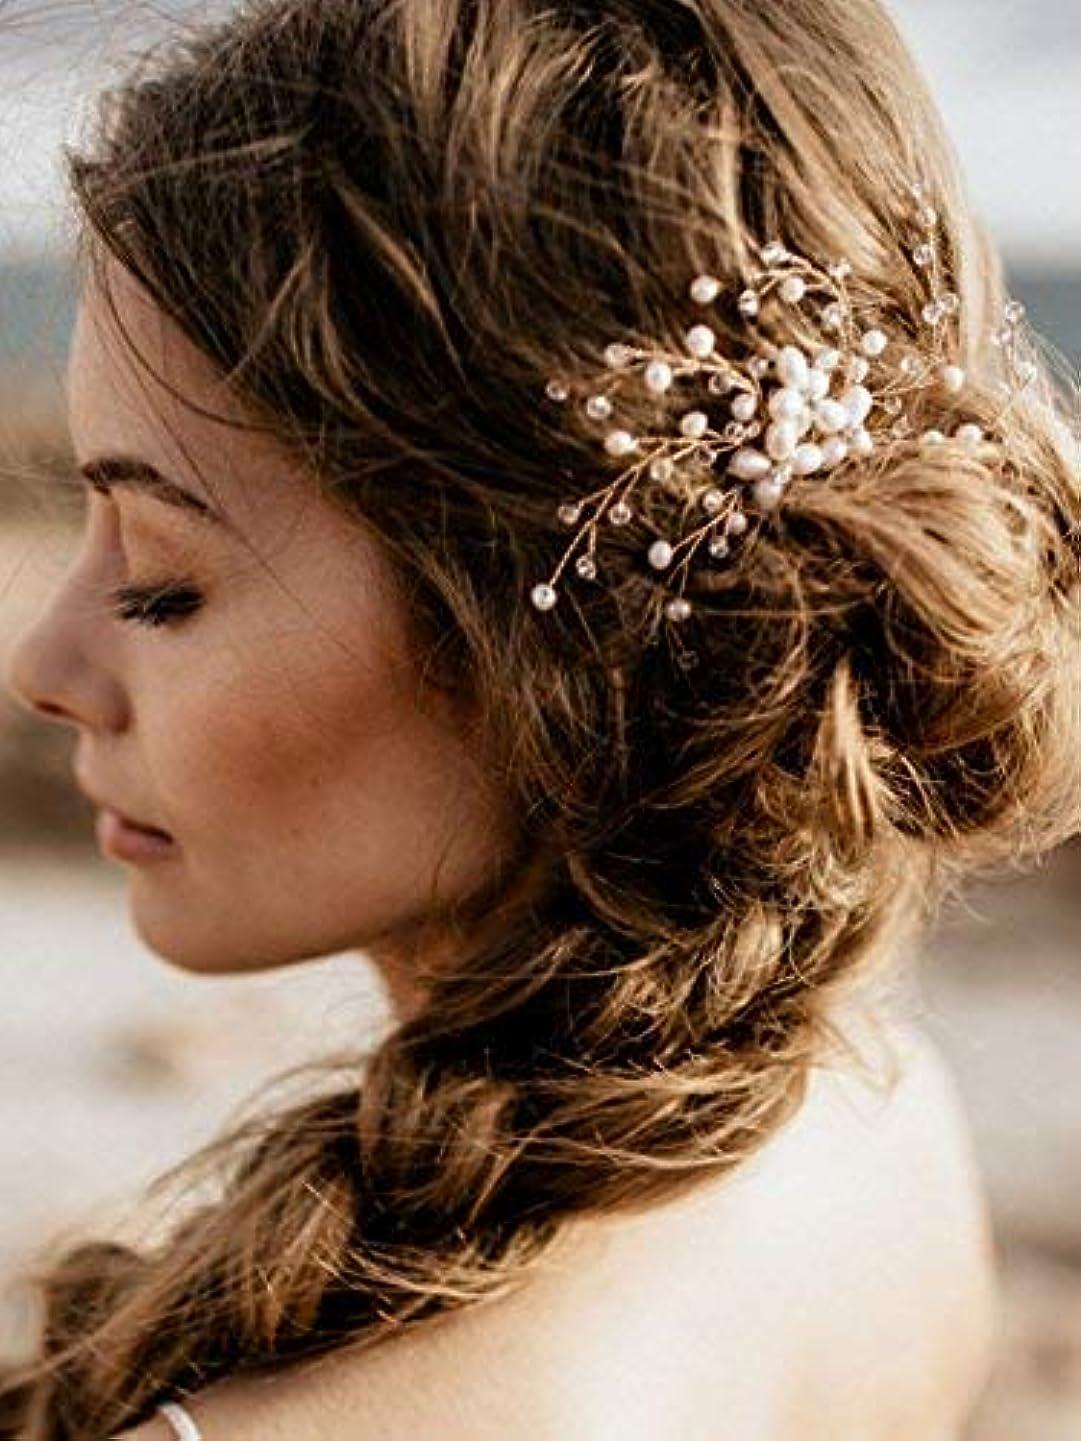 配管工泣き叫ぶかもしれないFXmimior Vintage Bridal Women Vintage Wedding Party Hair Comb Crystal Vine Hair Accessories [並行輸入品]